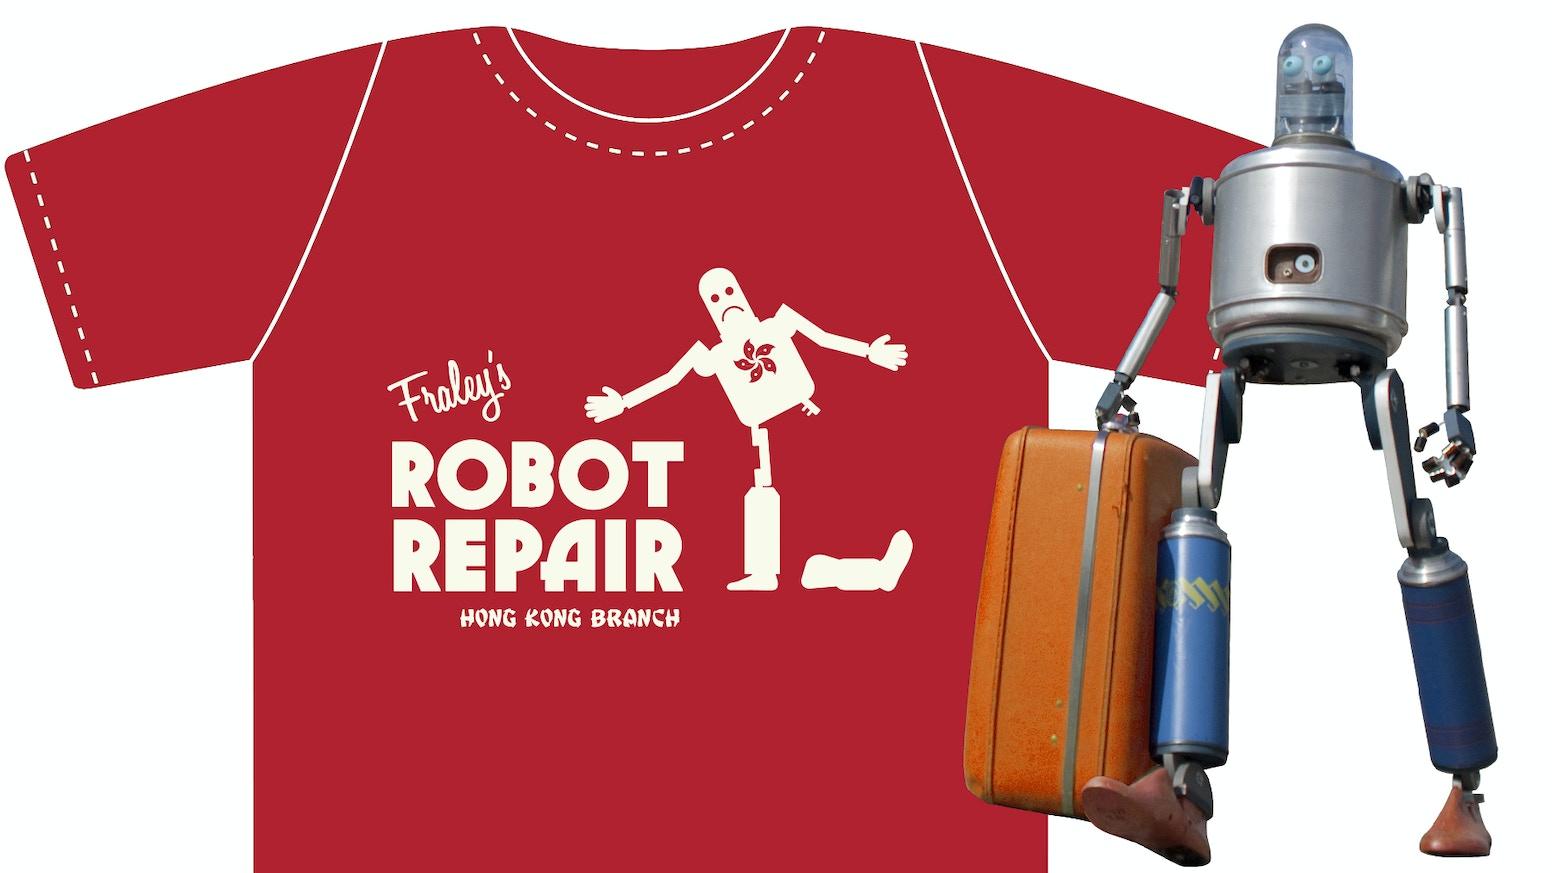 T shirt design hong kong - Robot Repair T Shirt The Hong Kong Branch